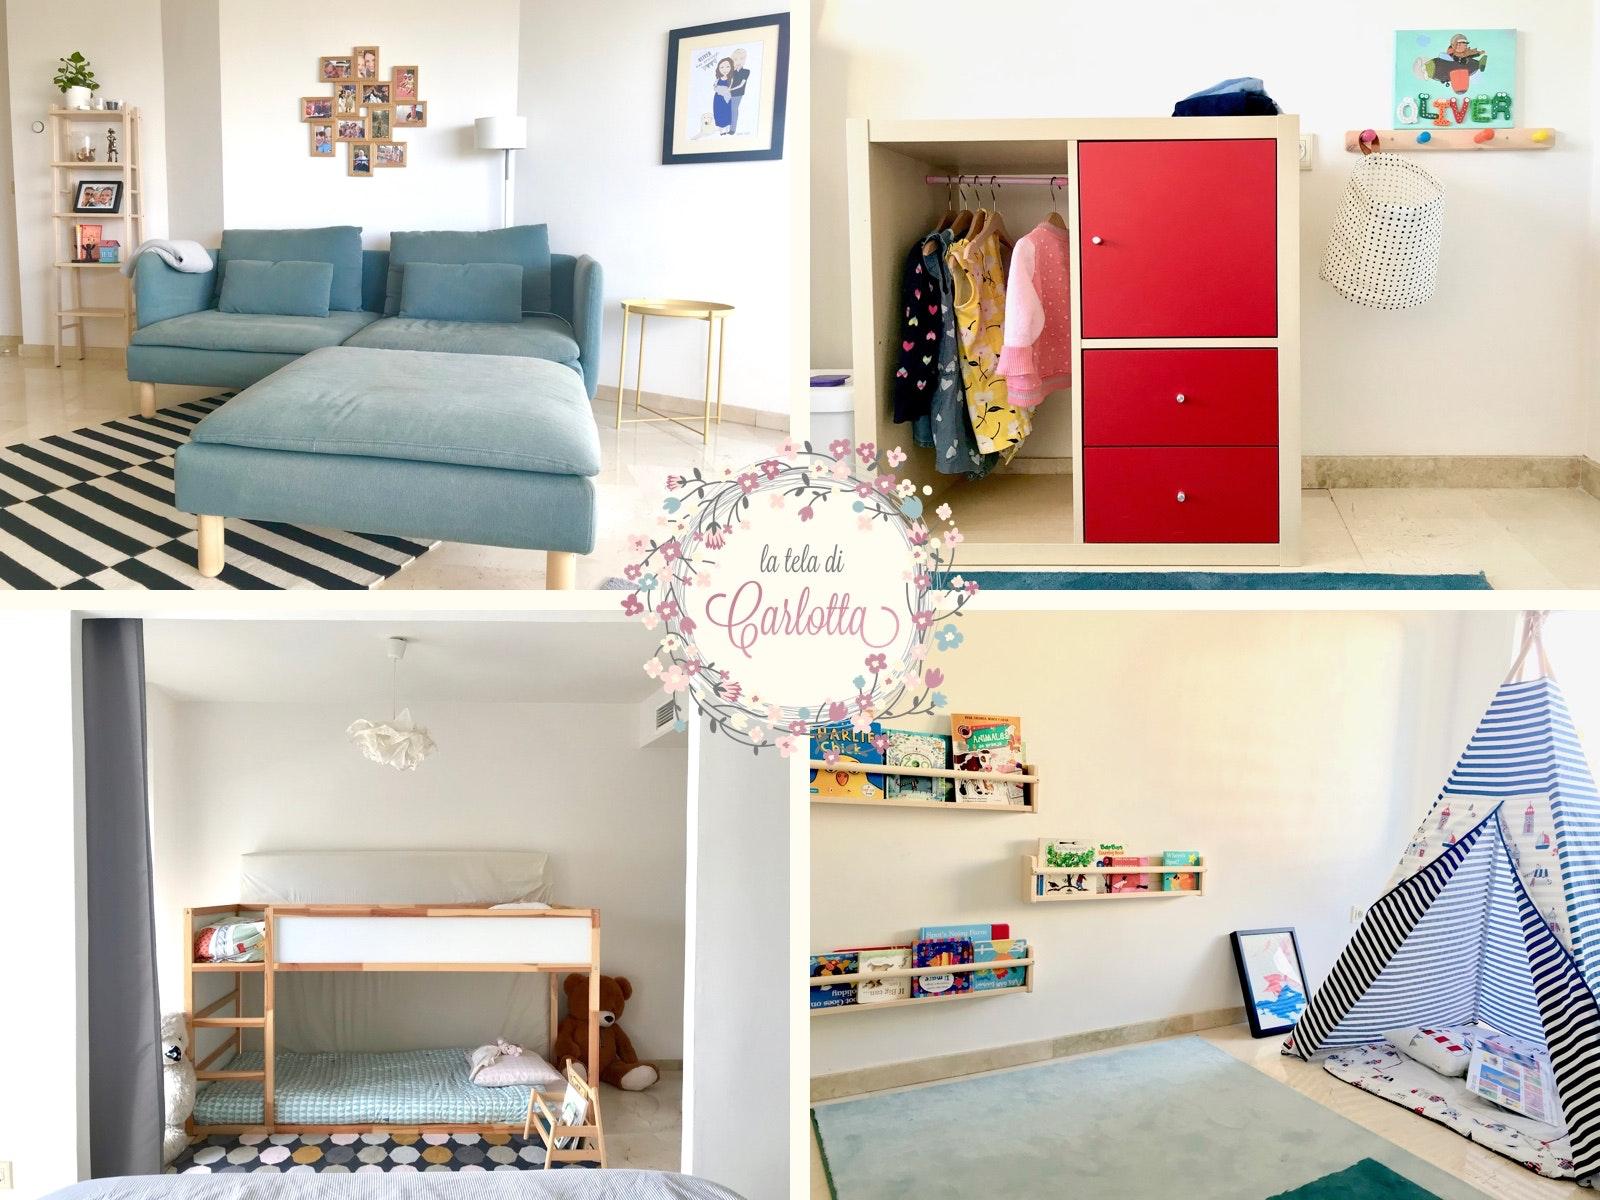 Home Tour 2018 Our New Montessori Inspired Apartment La Tela Di Carlotta